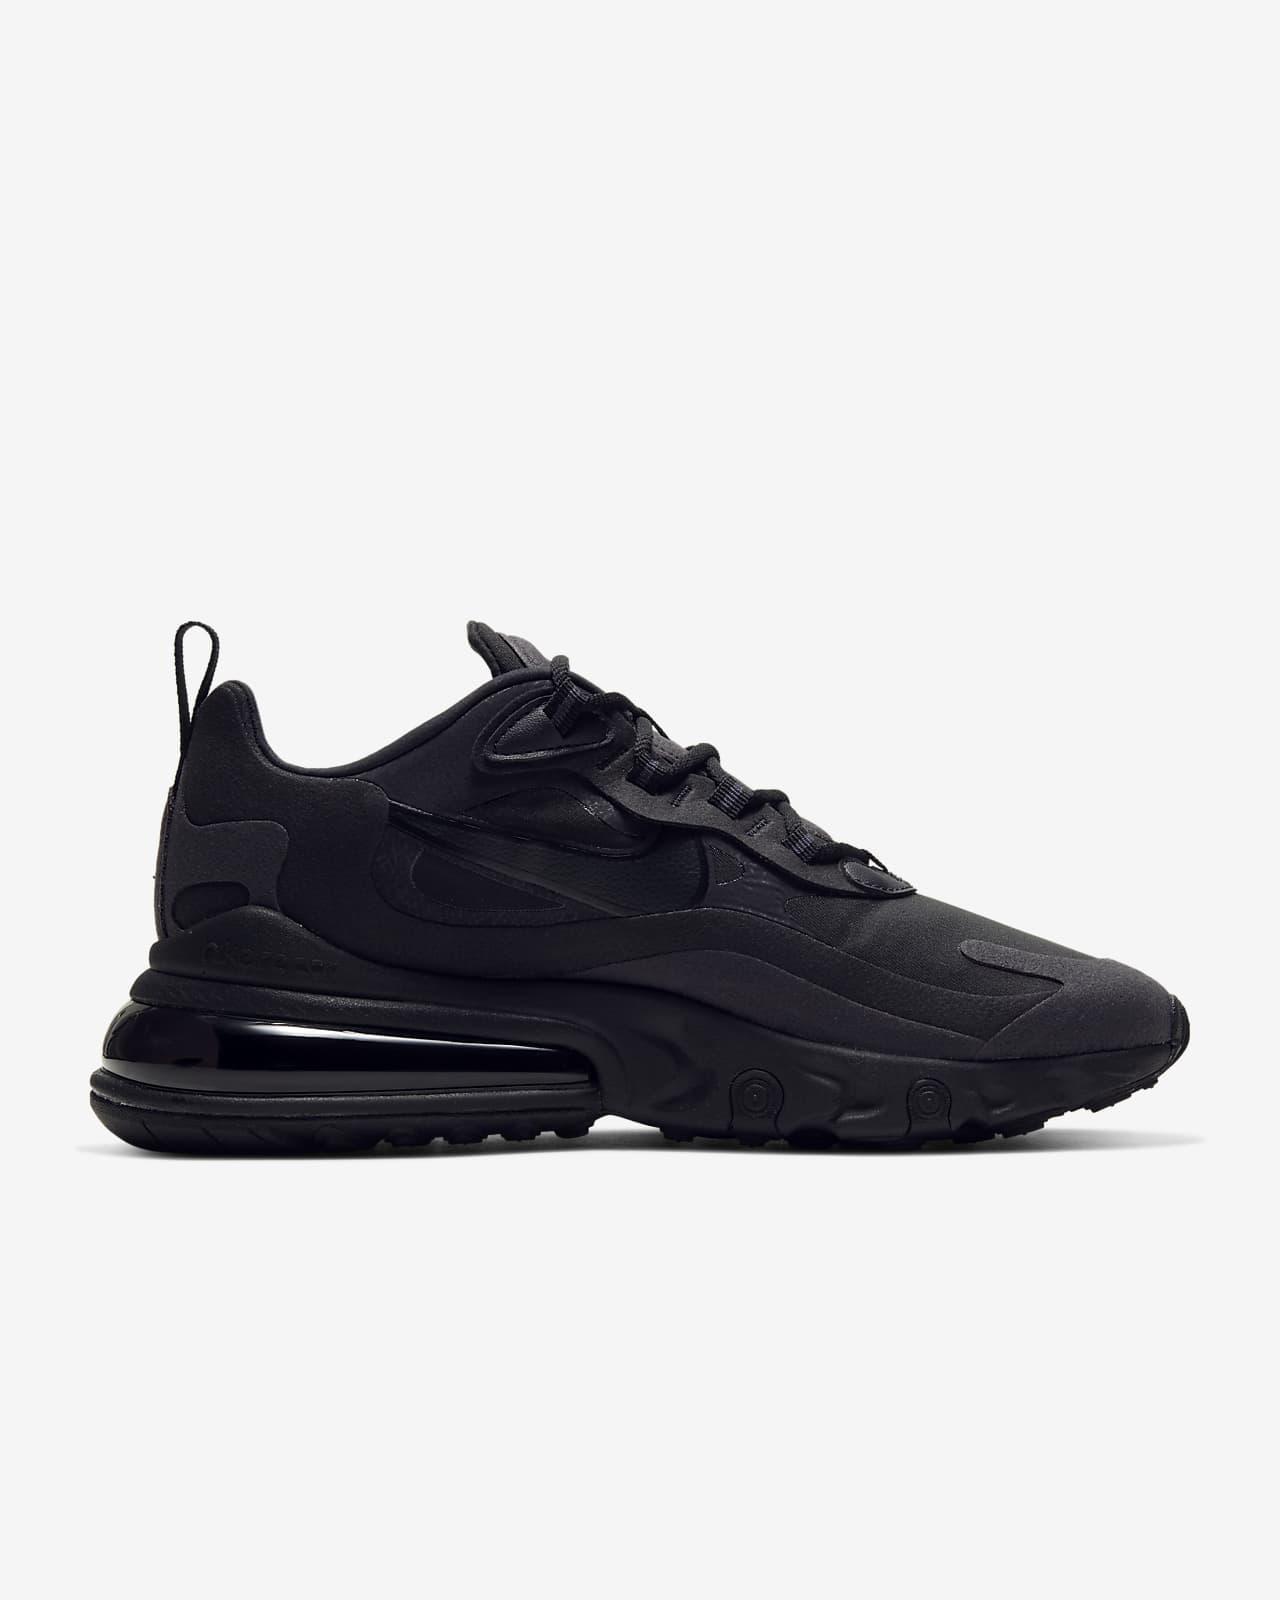 chaussures nike air max 270 react